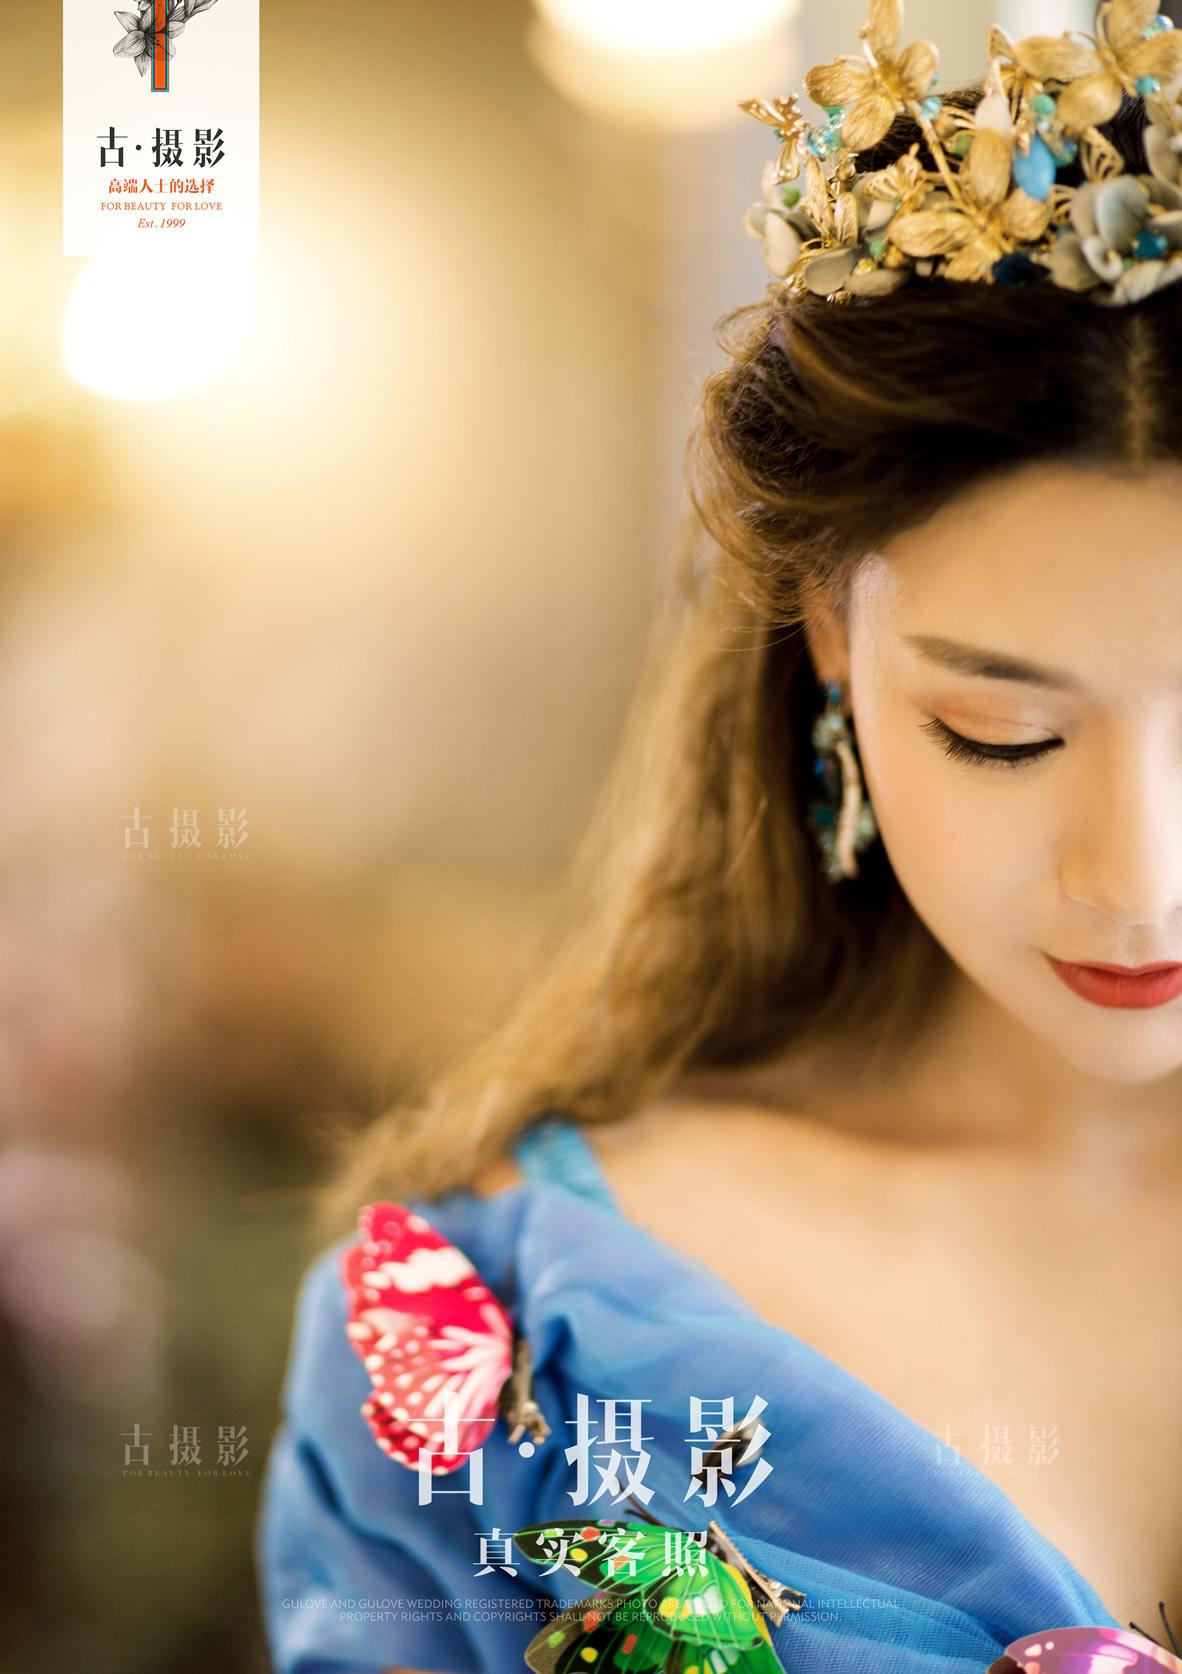 2月11日客片巩先生 田小姐 - 每日客照 - love昆明古摄影-昆明婚纱摄影网